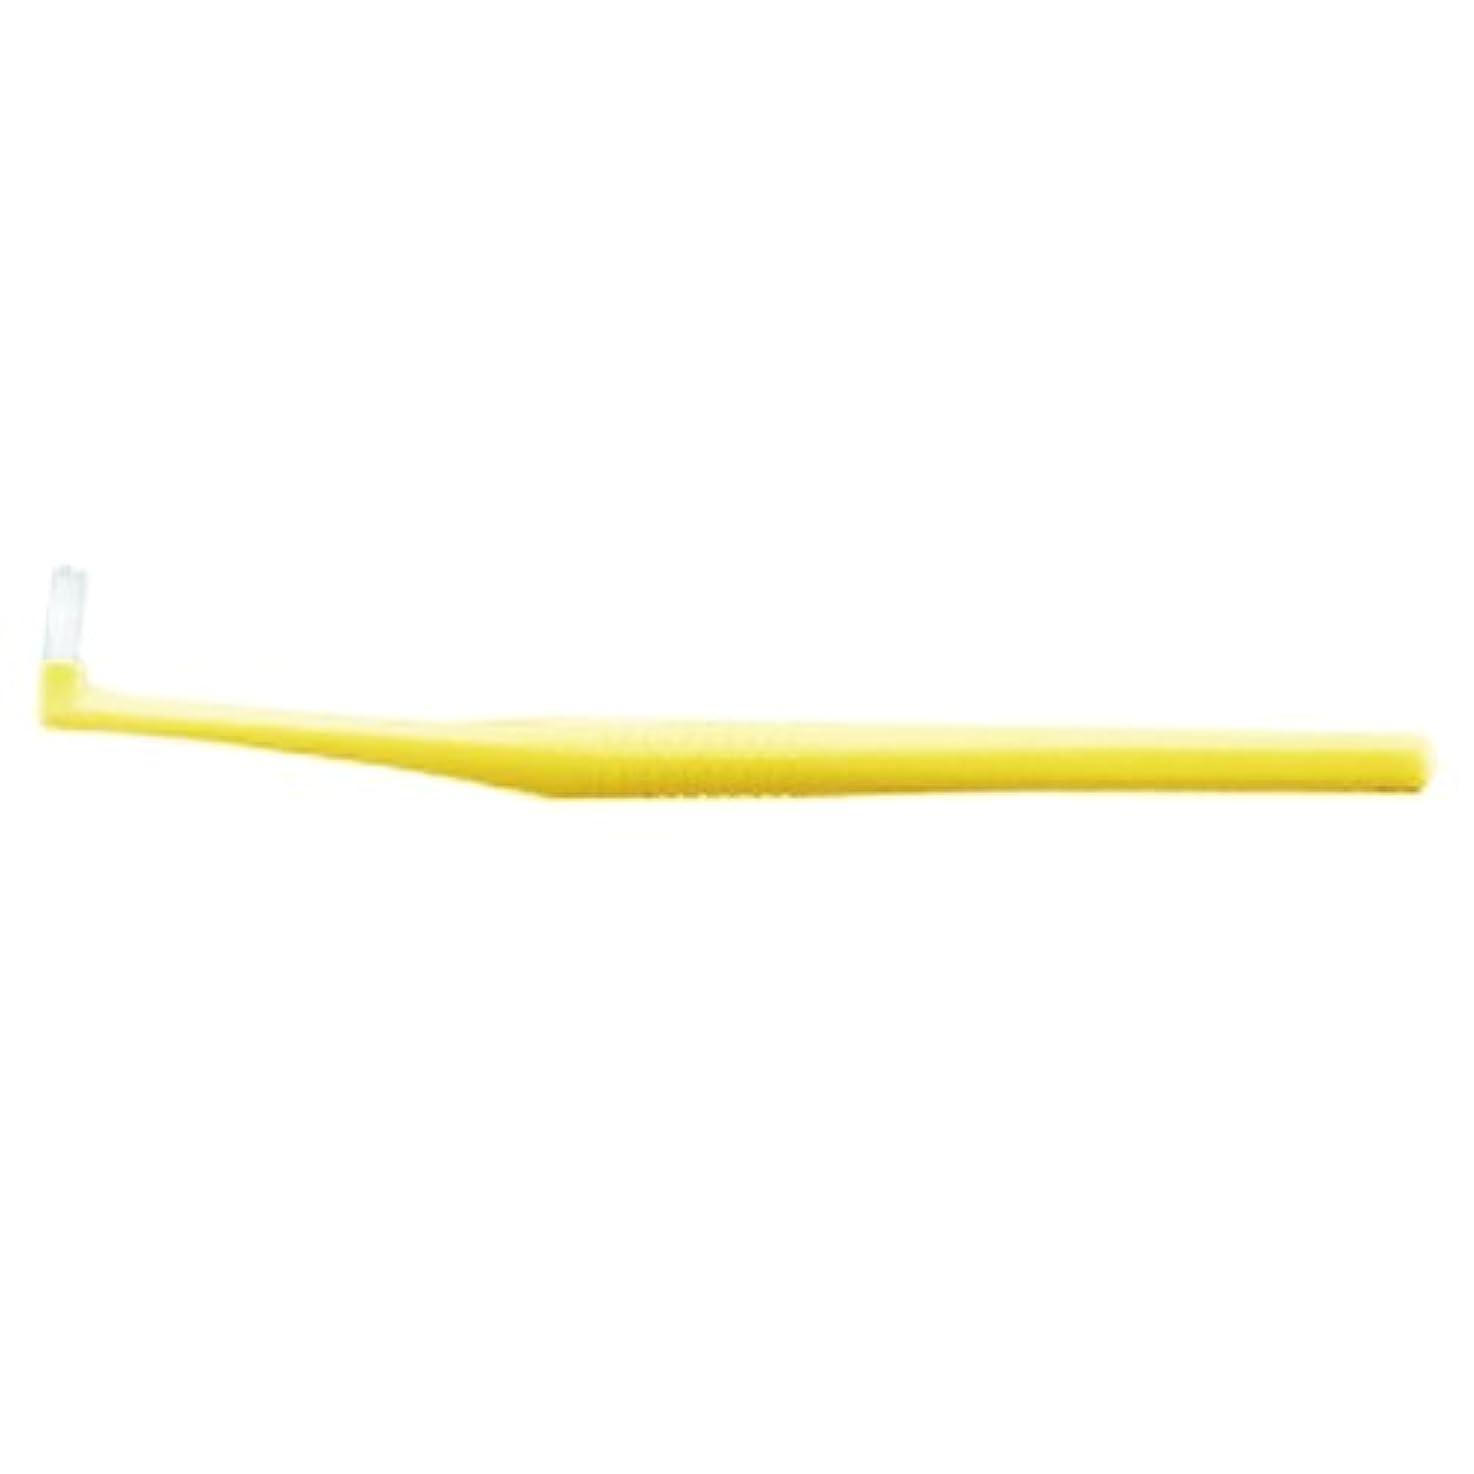 寛容なグリーンバック放射能ライオン EX ワンタフト 歯ブラシ onetuft 1本 systema イエロー